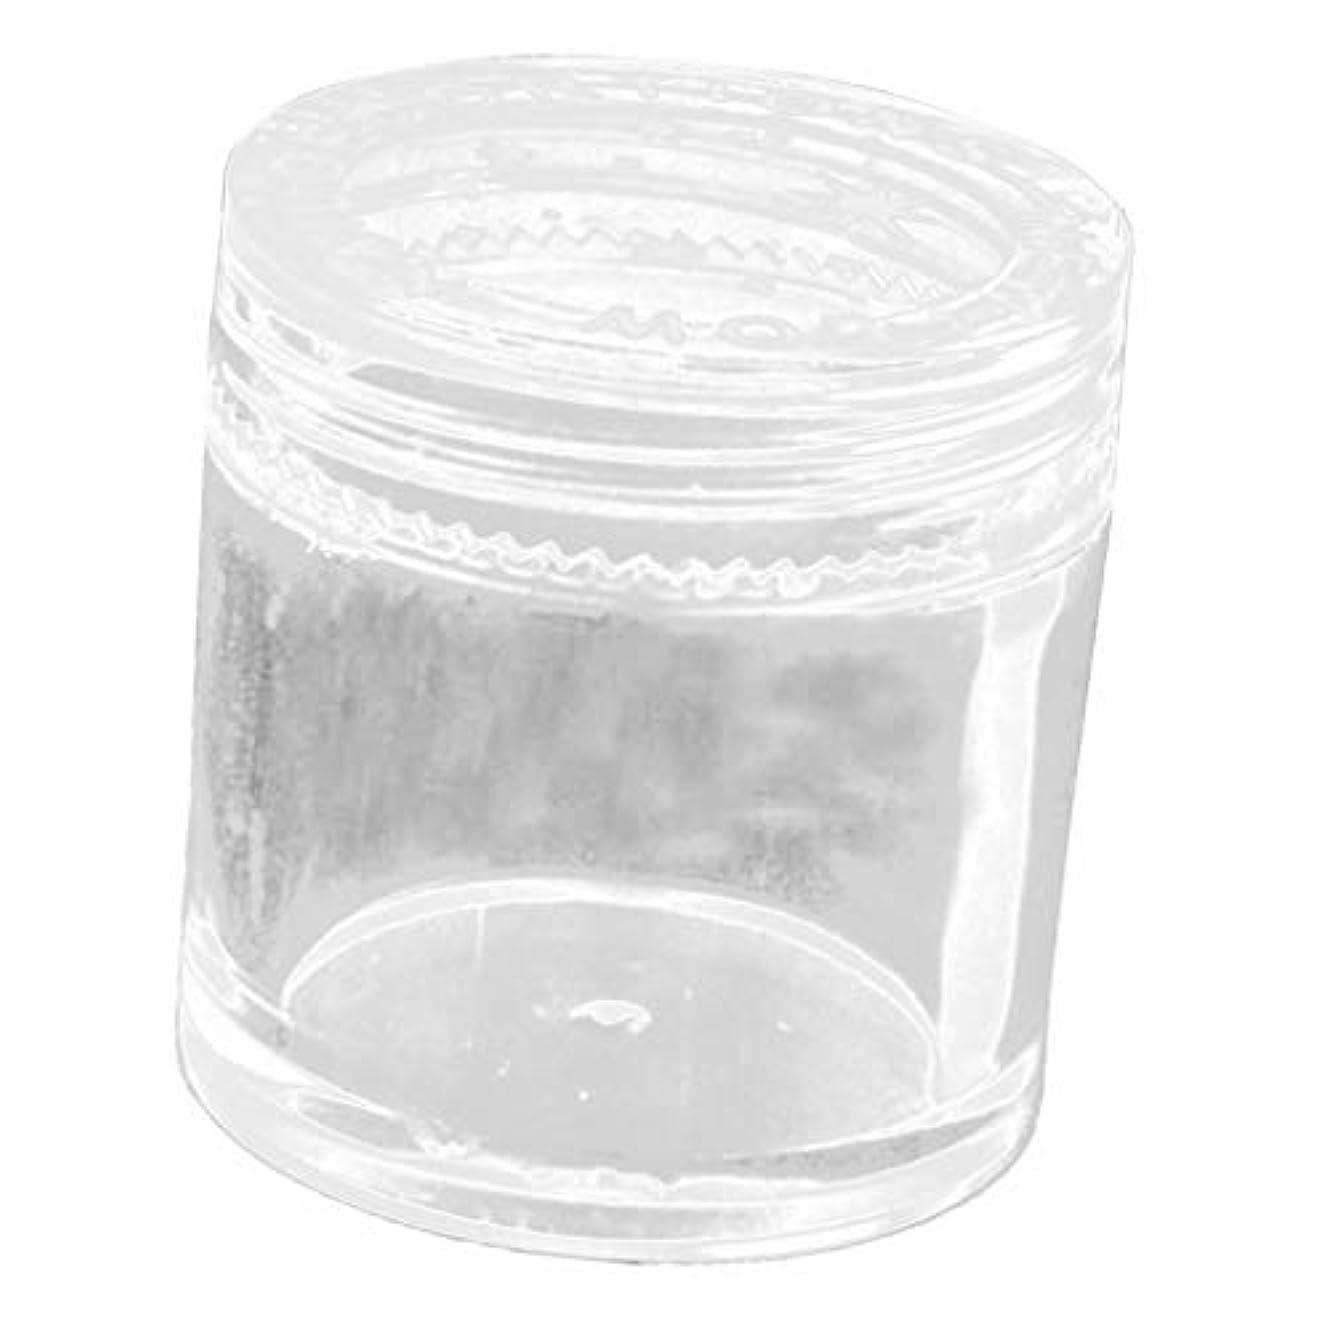 無意識治す大きさDYNWAVE ネイルアートケース ジュエリーボックス 小物入れ 収納瓶 工芸品 ビーズ 宝石 収納ボックス 透明